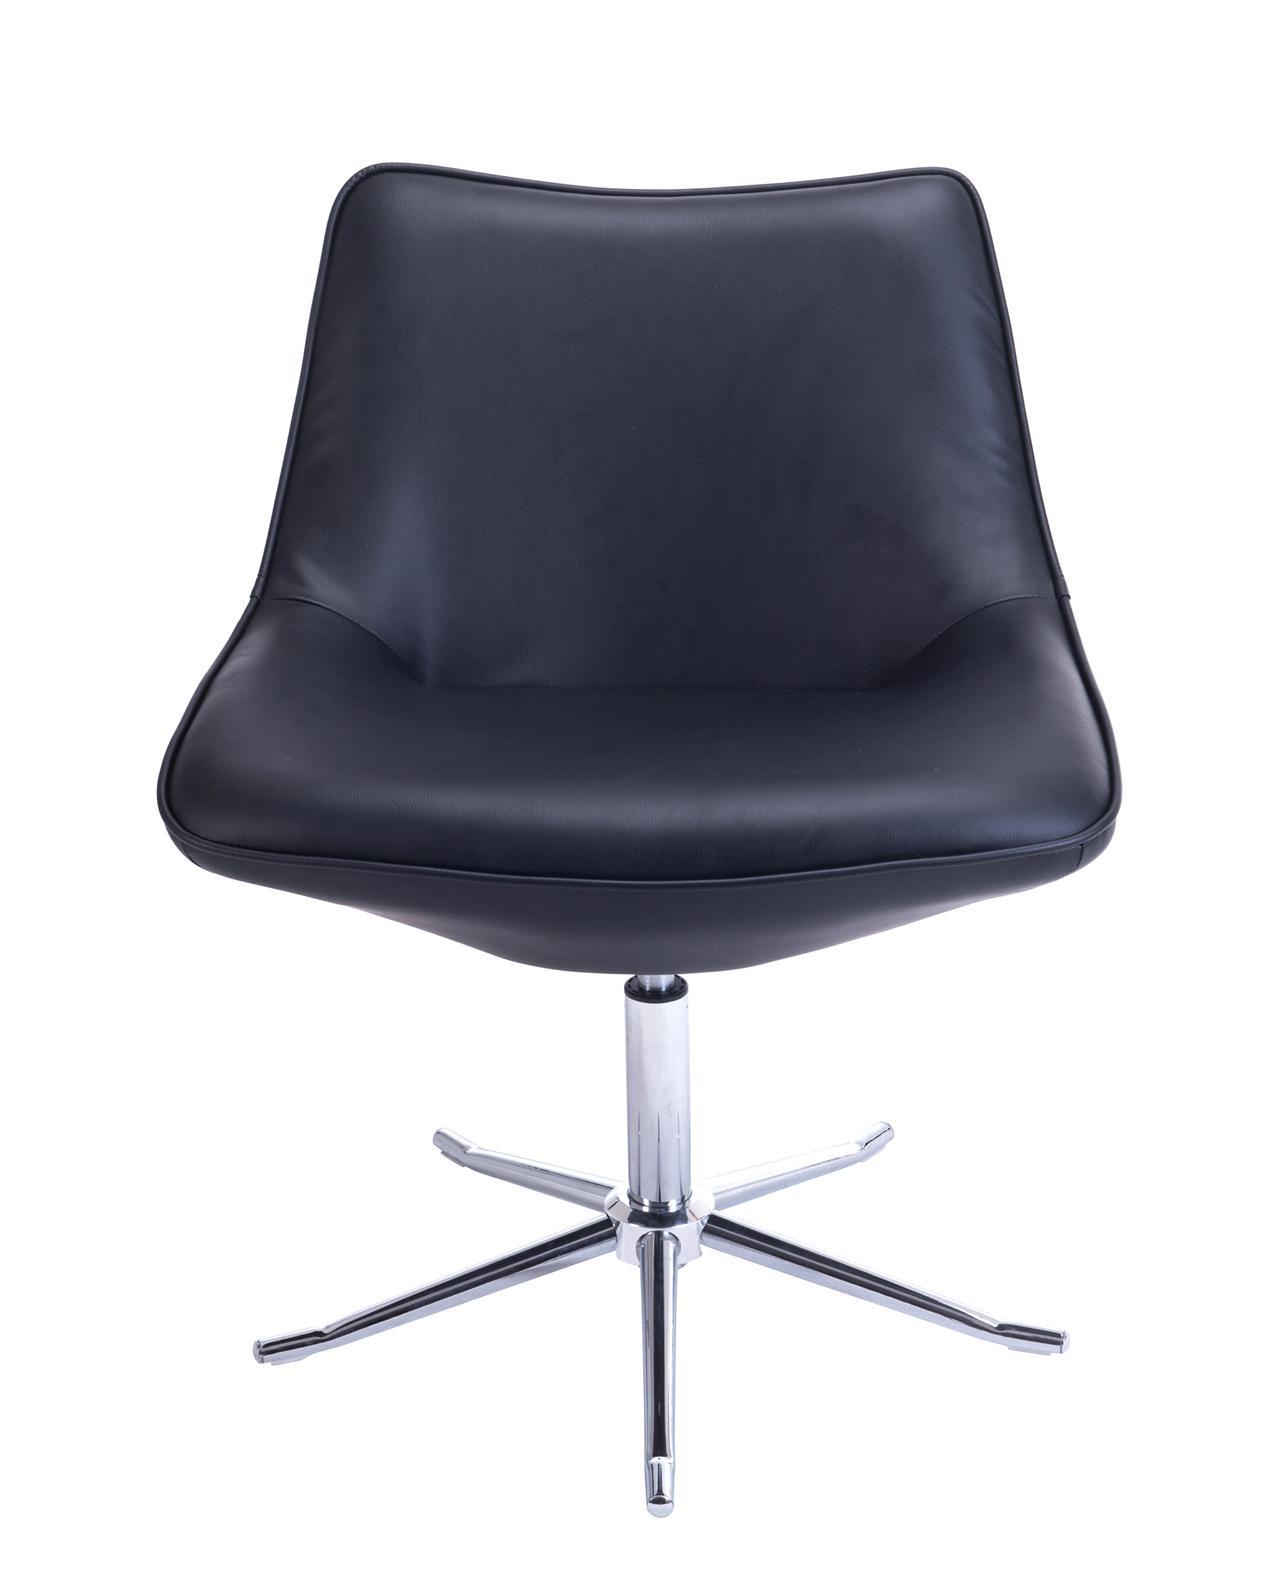 Fauteuil lounge design moderne pietement metal don for Chaise de salon noir